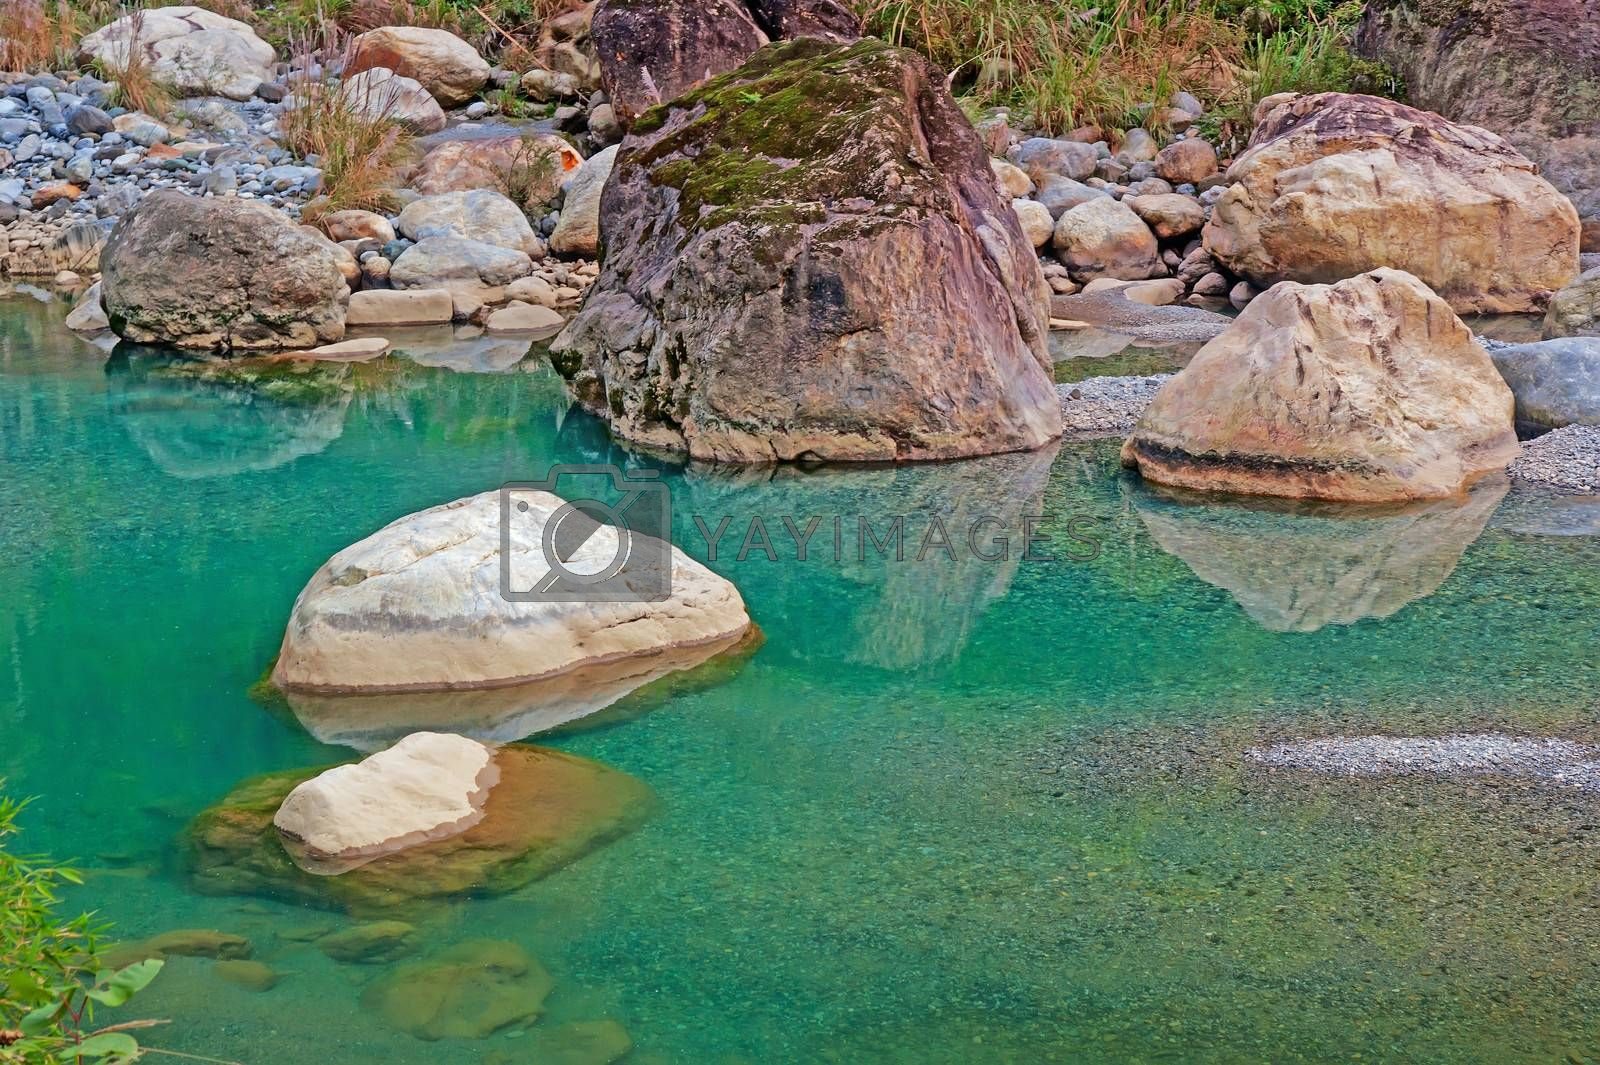 Photographed in China Huangguoshu Waterfall in Guizhou        SONY DSC